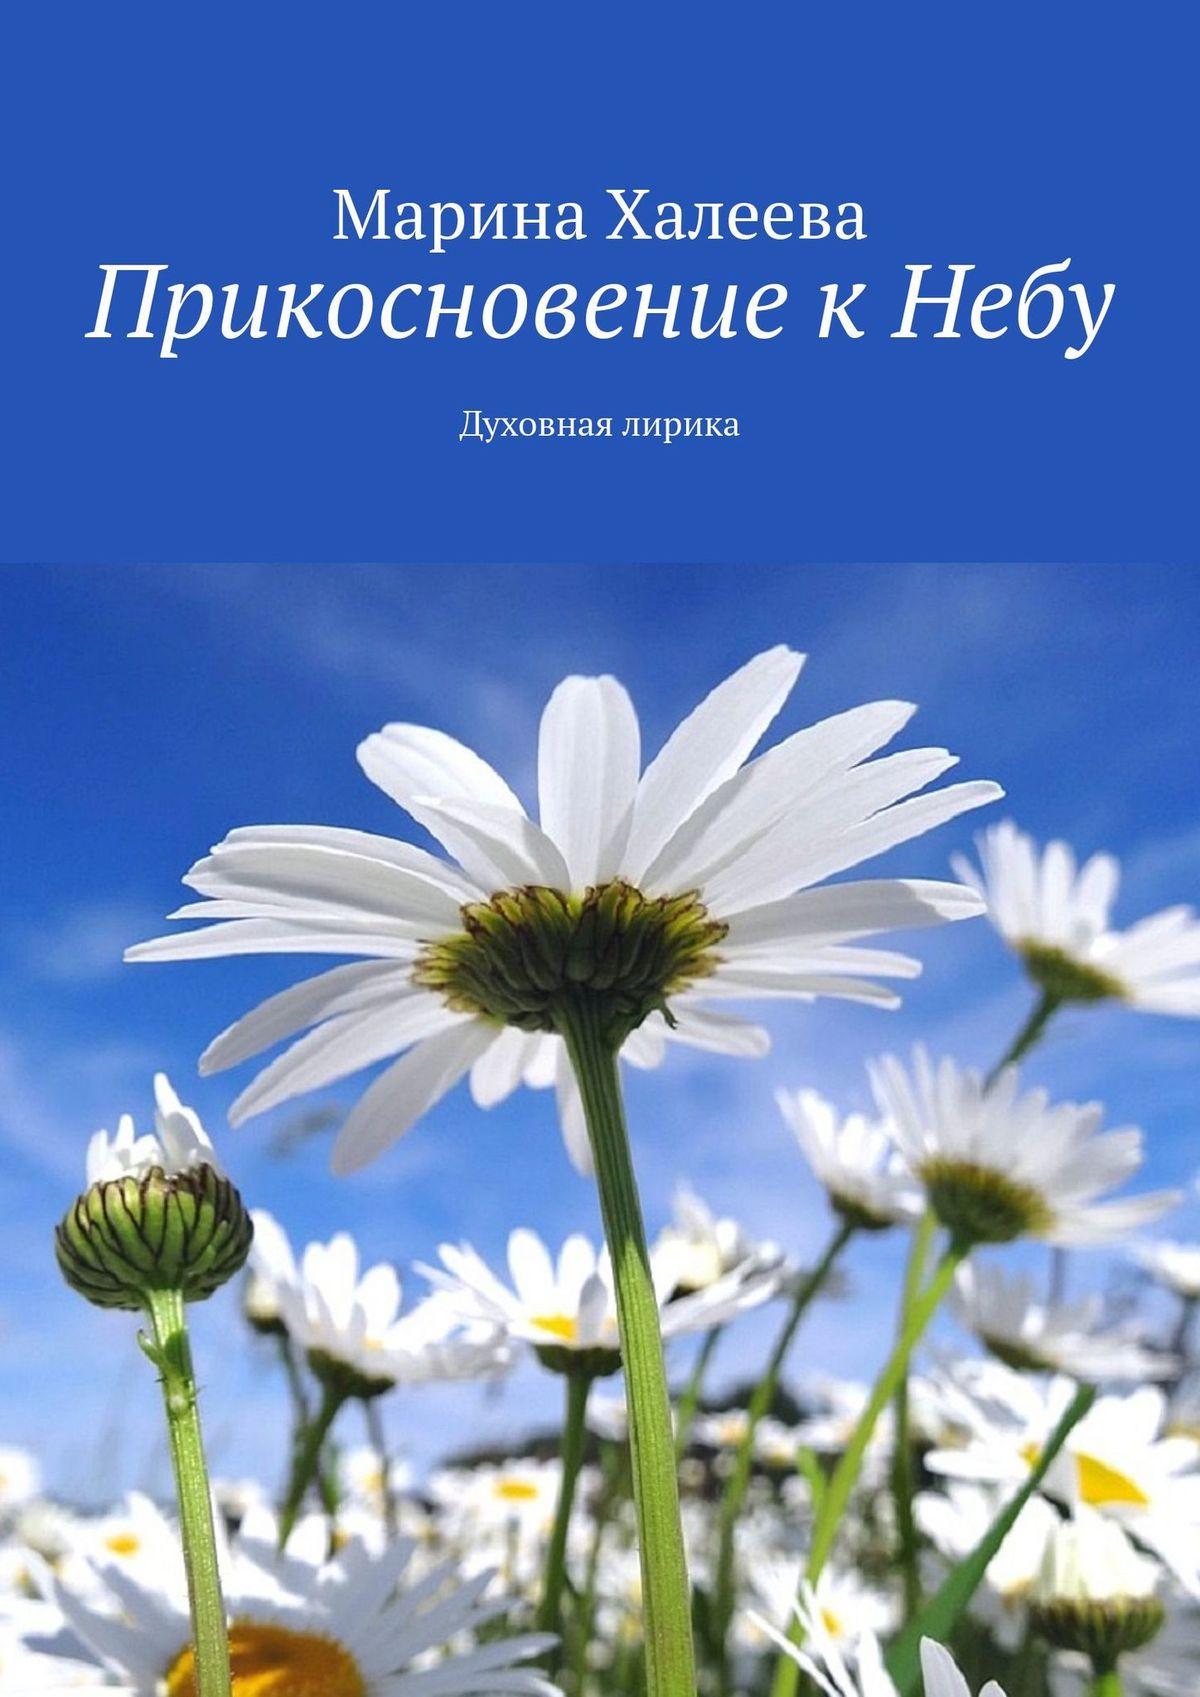 Марина Халеева Прикосновение кНебу. Духовная лирика карло каладзе от неба к небу